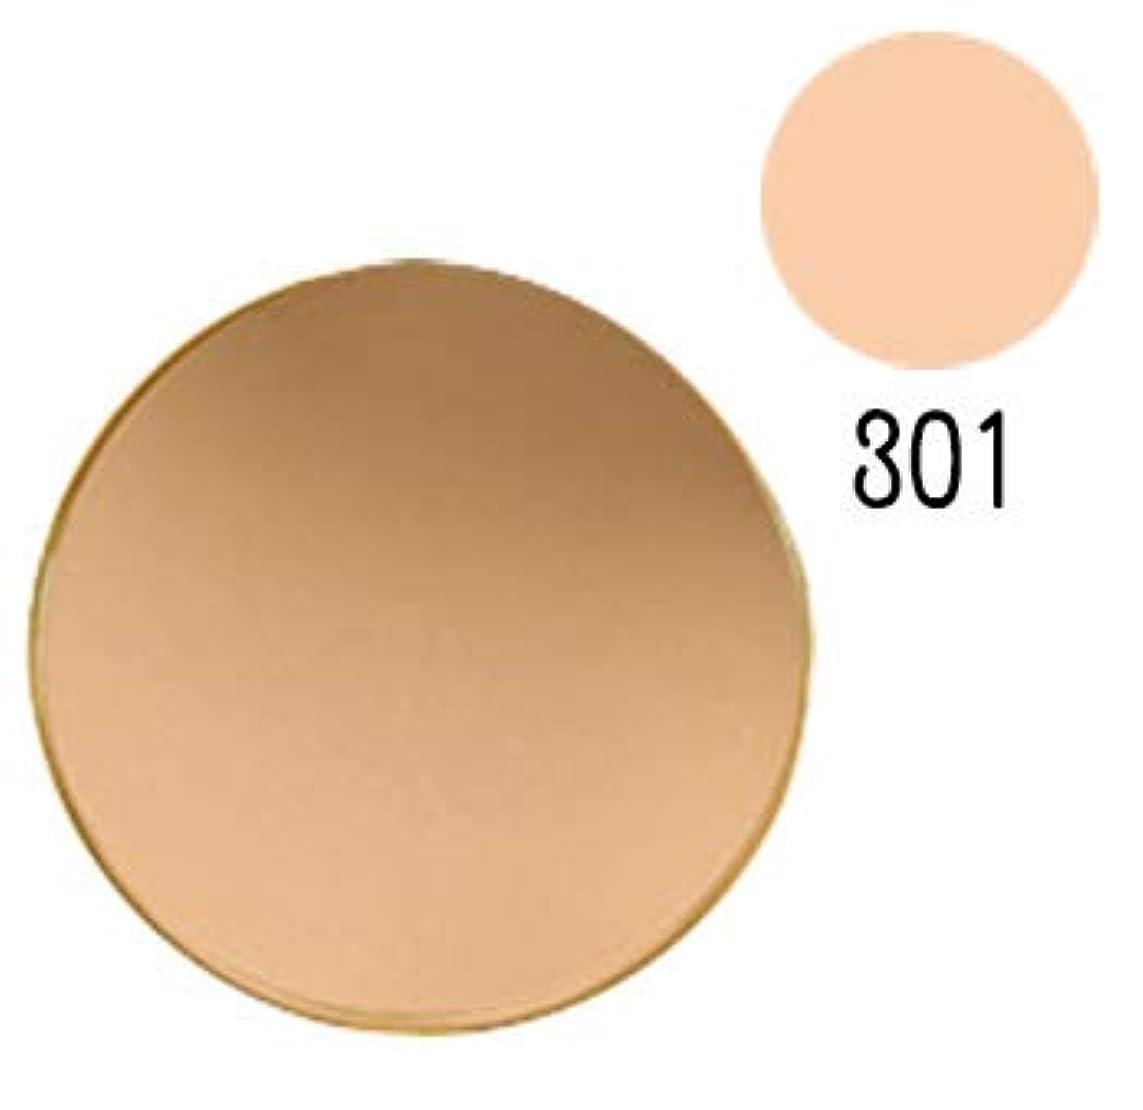 コスメデコルテ エタニア シュール ファンデーション<301> レフィル SPF15/PA++